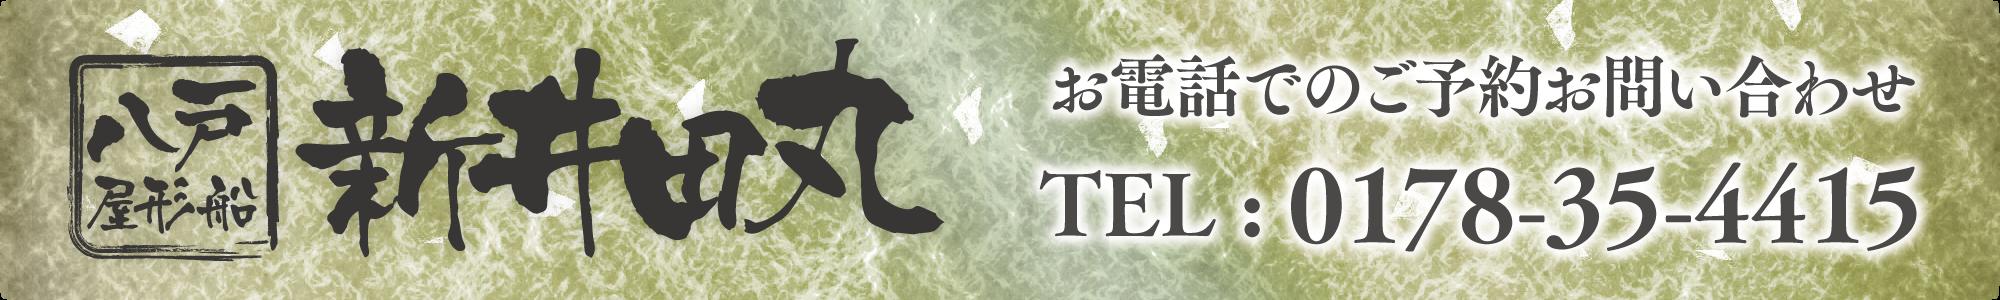 八戸屋形船新井田丸 お電話でのご予約お問い合わせ TEL: 0178-35-4415